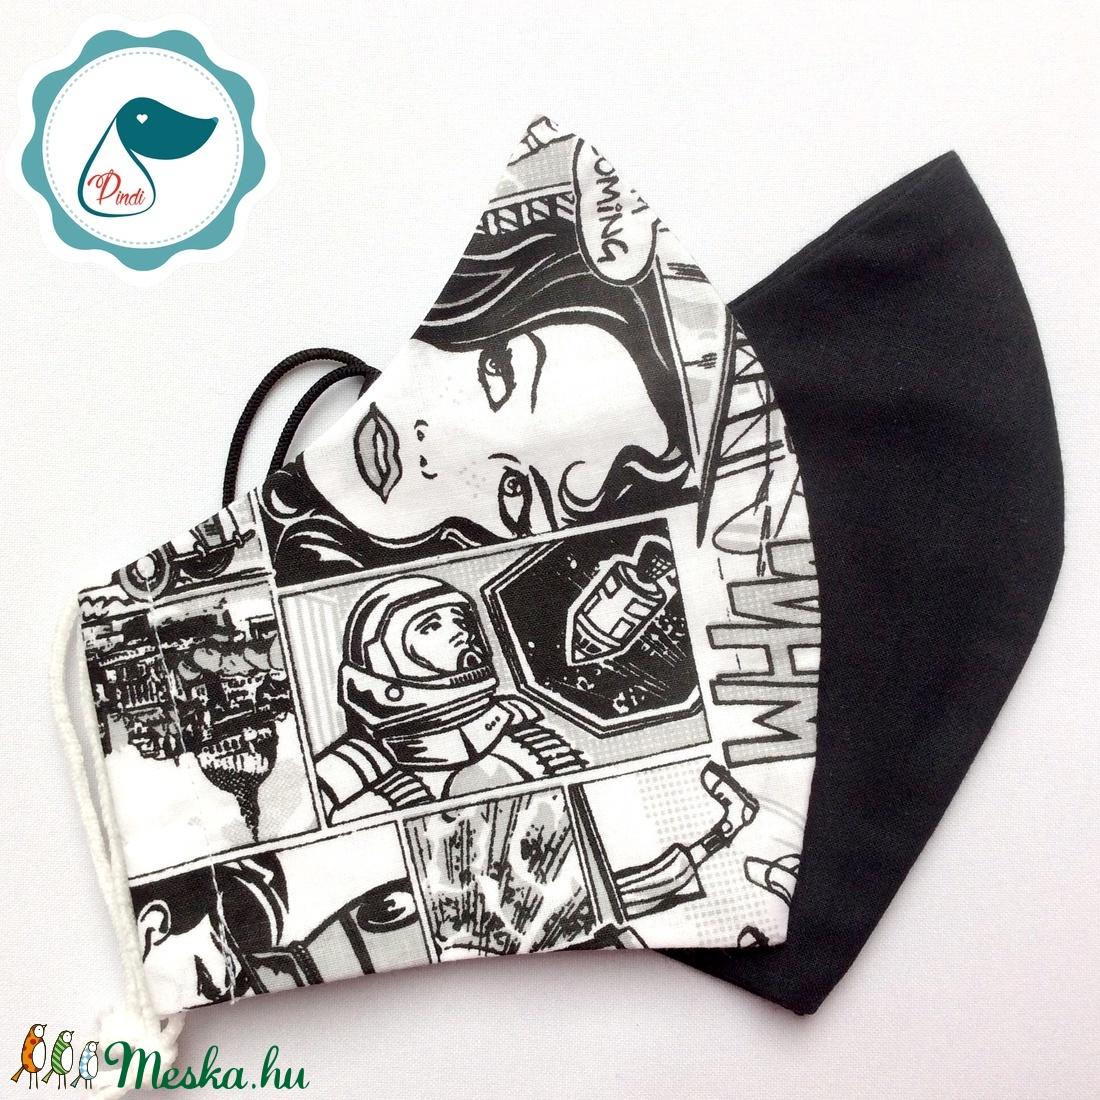 2db fekete,képregényes maszk - férfi maszk - textil szájmaszk - egészségügyi szájmaszk - maszk, arcmaszk - férfi & uniszex - Meska.hu